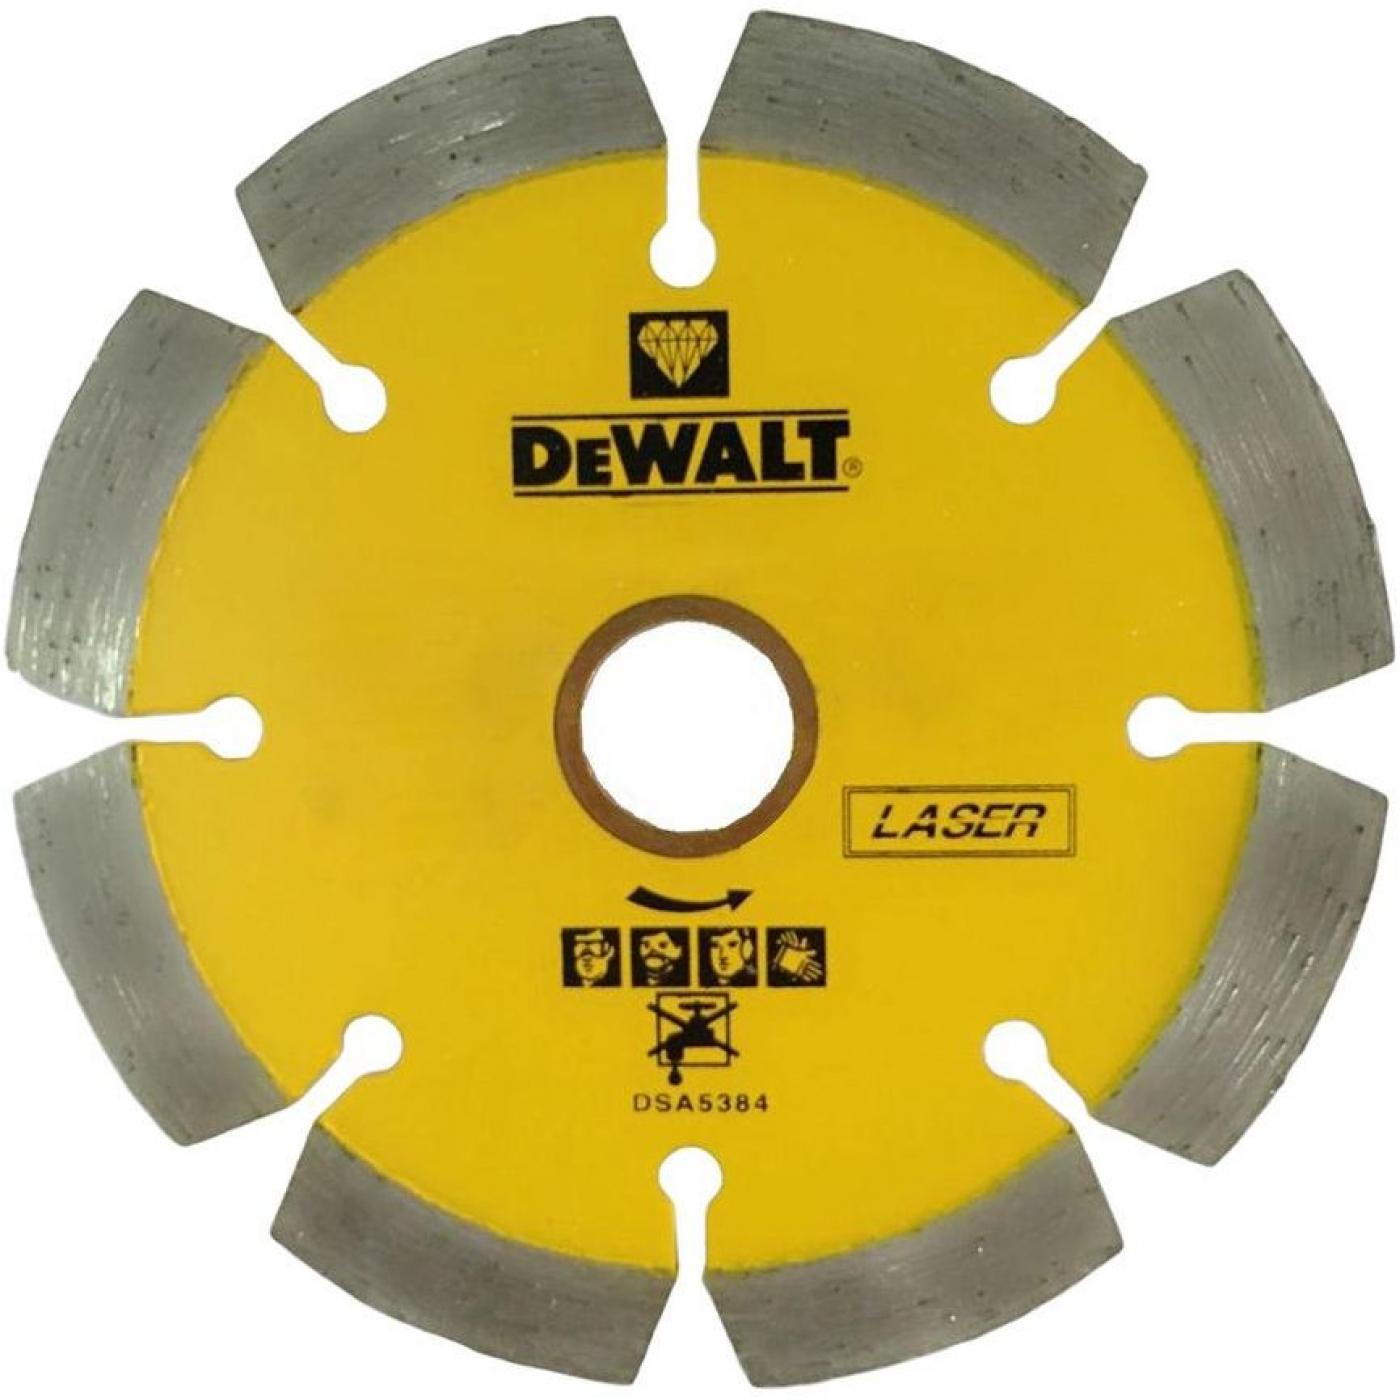 DeWalt DX3701 Concrete Laser Blade